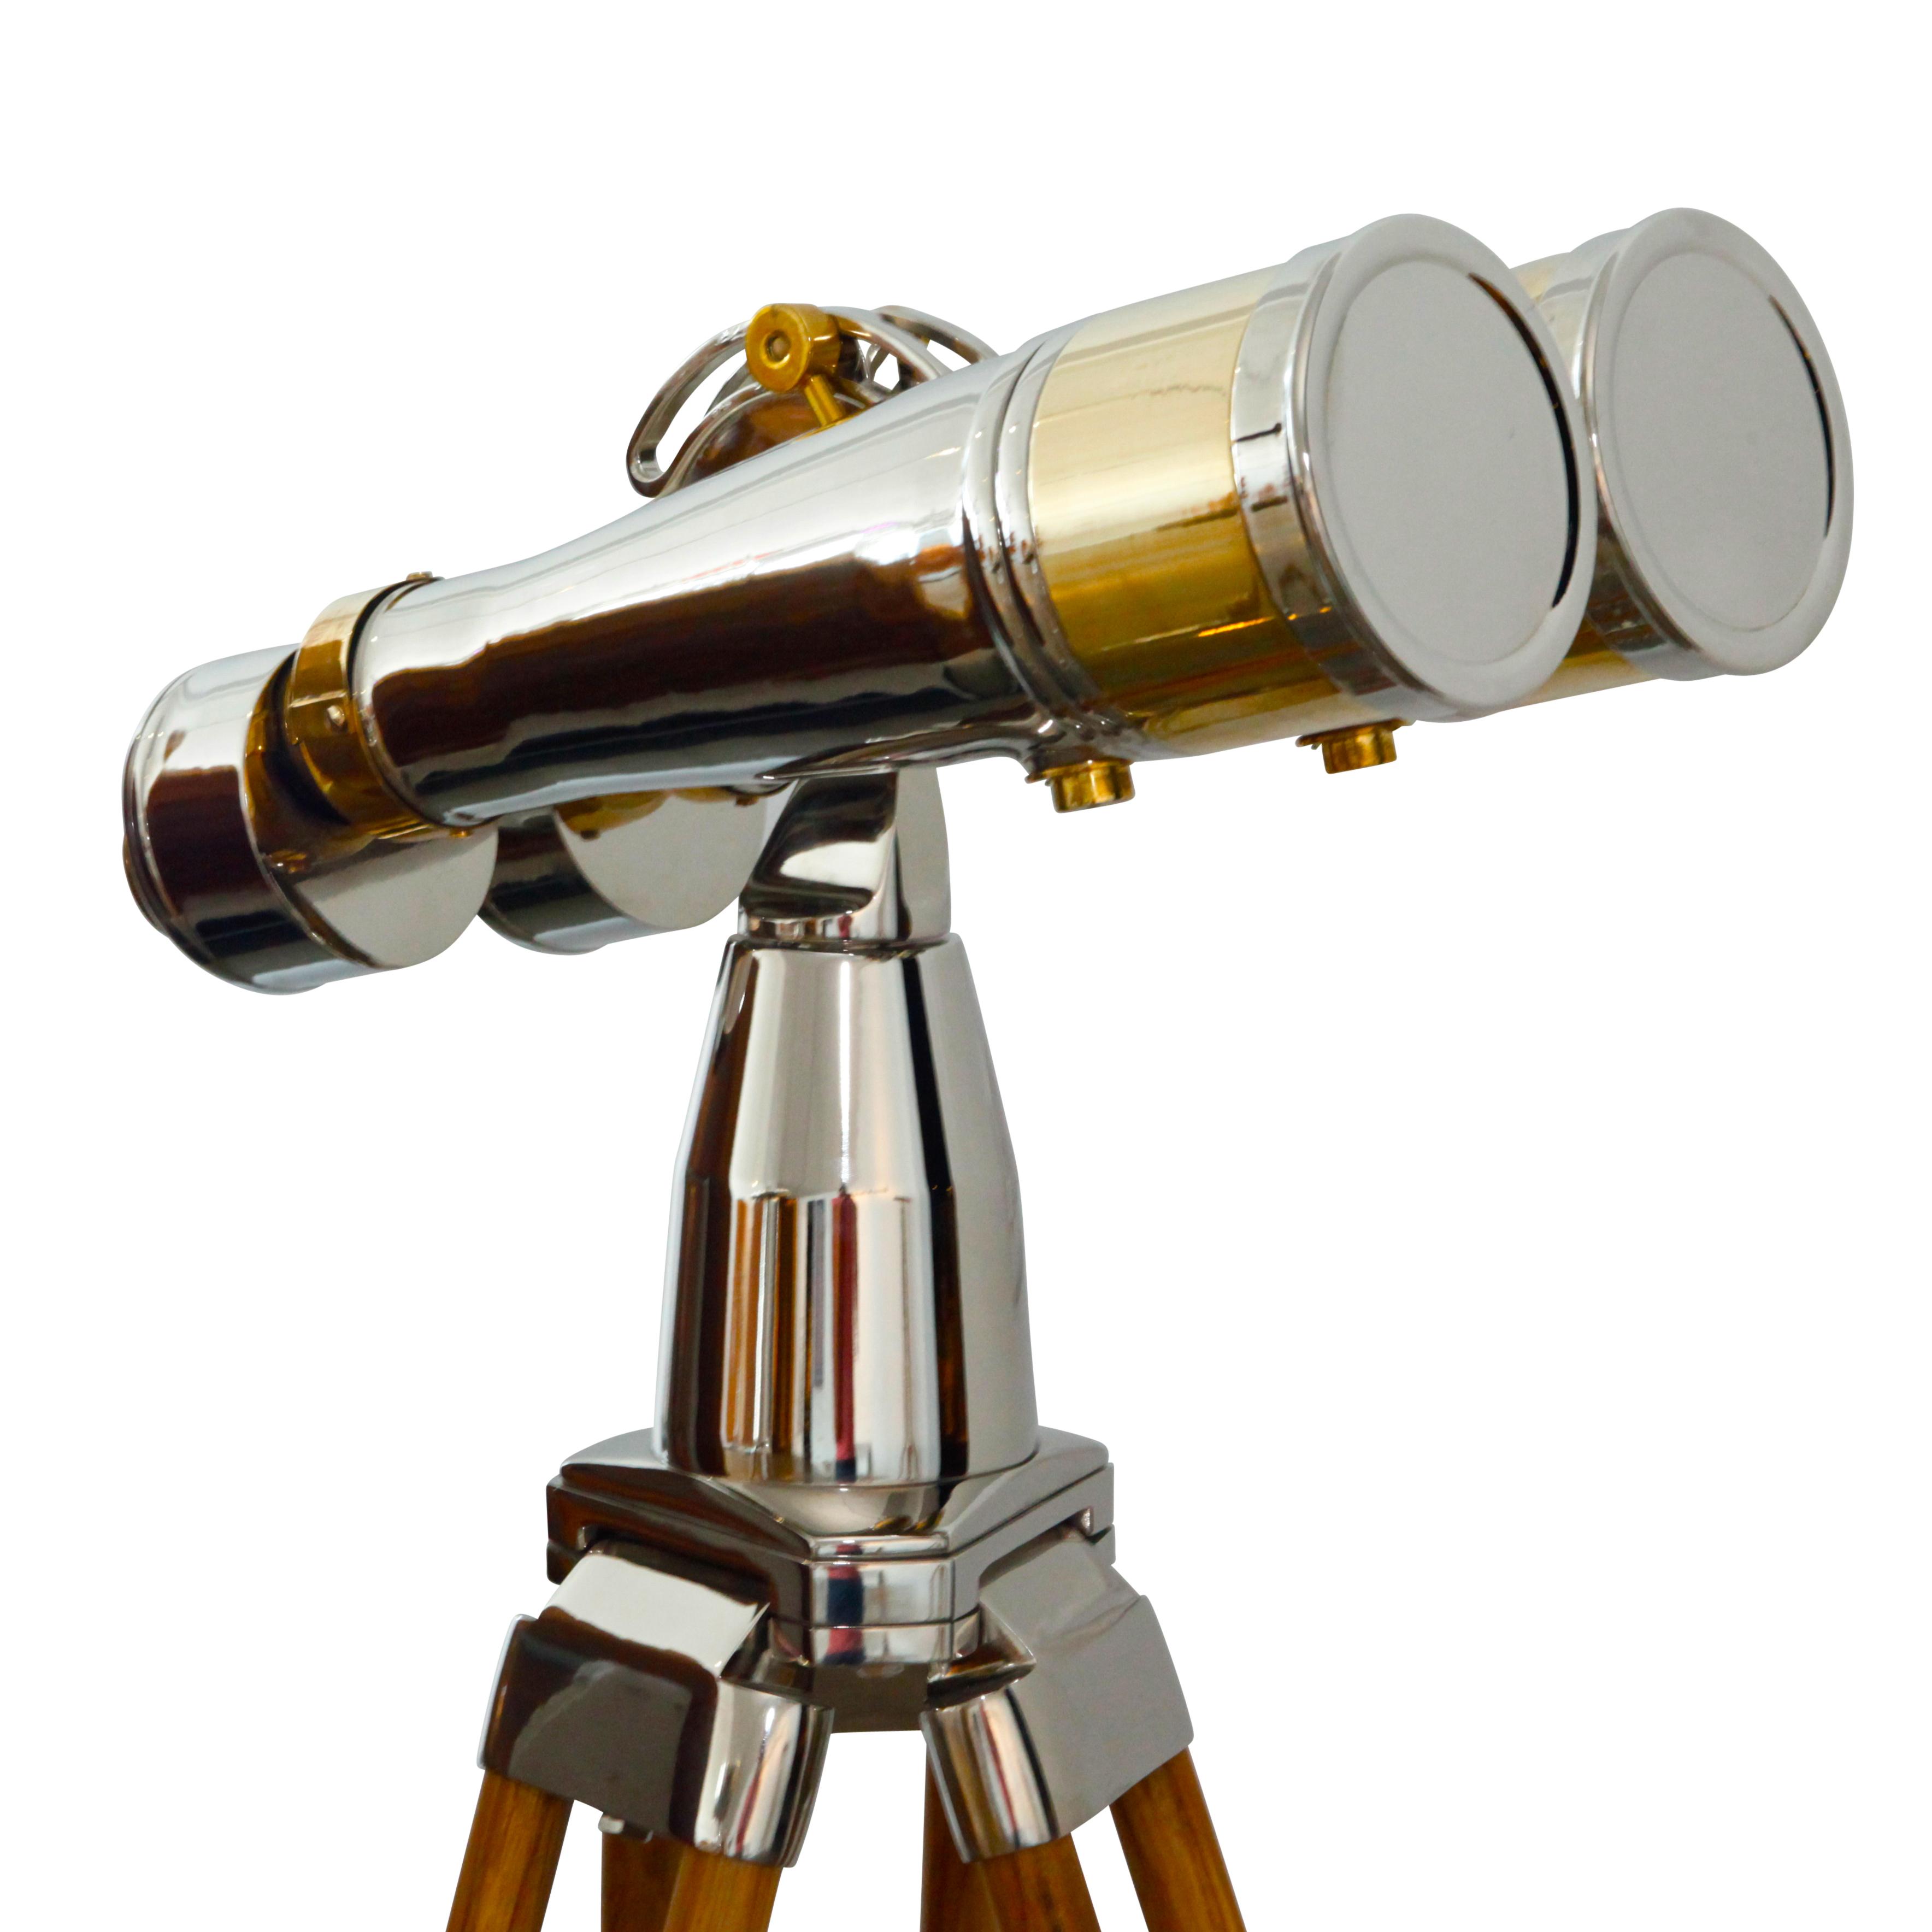 15x80 Bigeye binocular